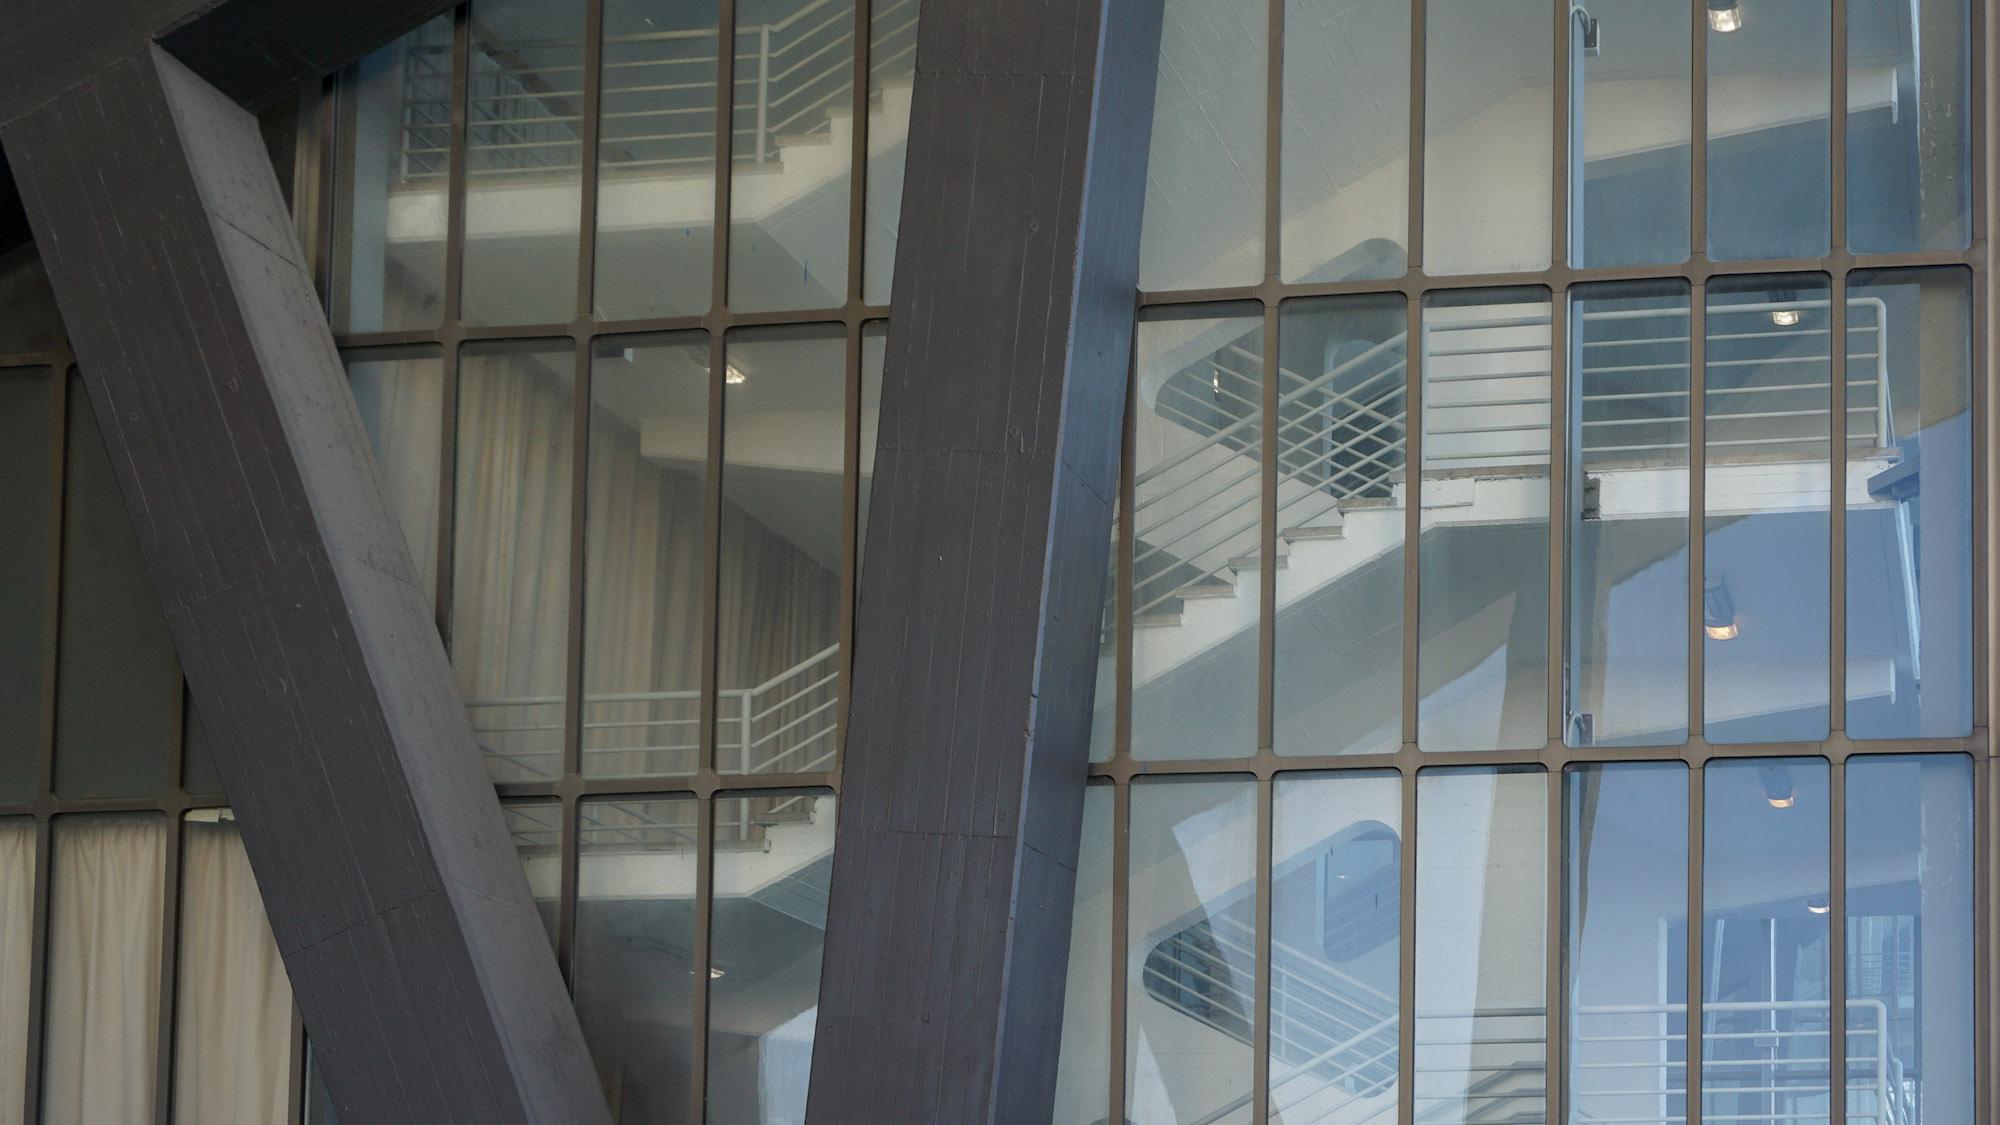 Detailansicht Treppenhaus der Grugahalle in Essen